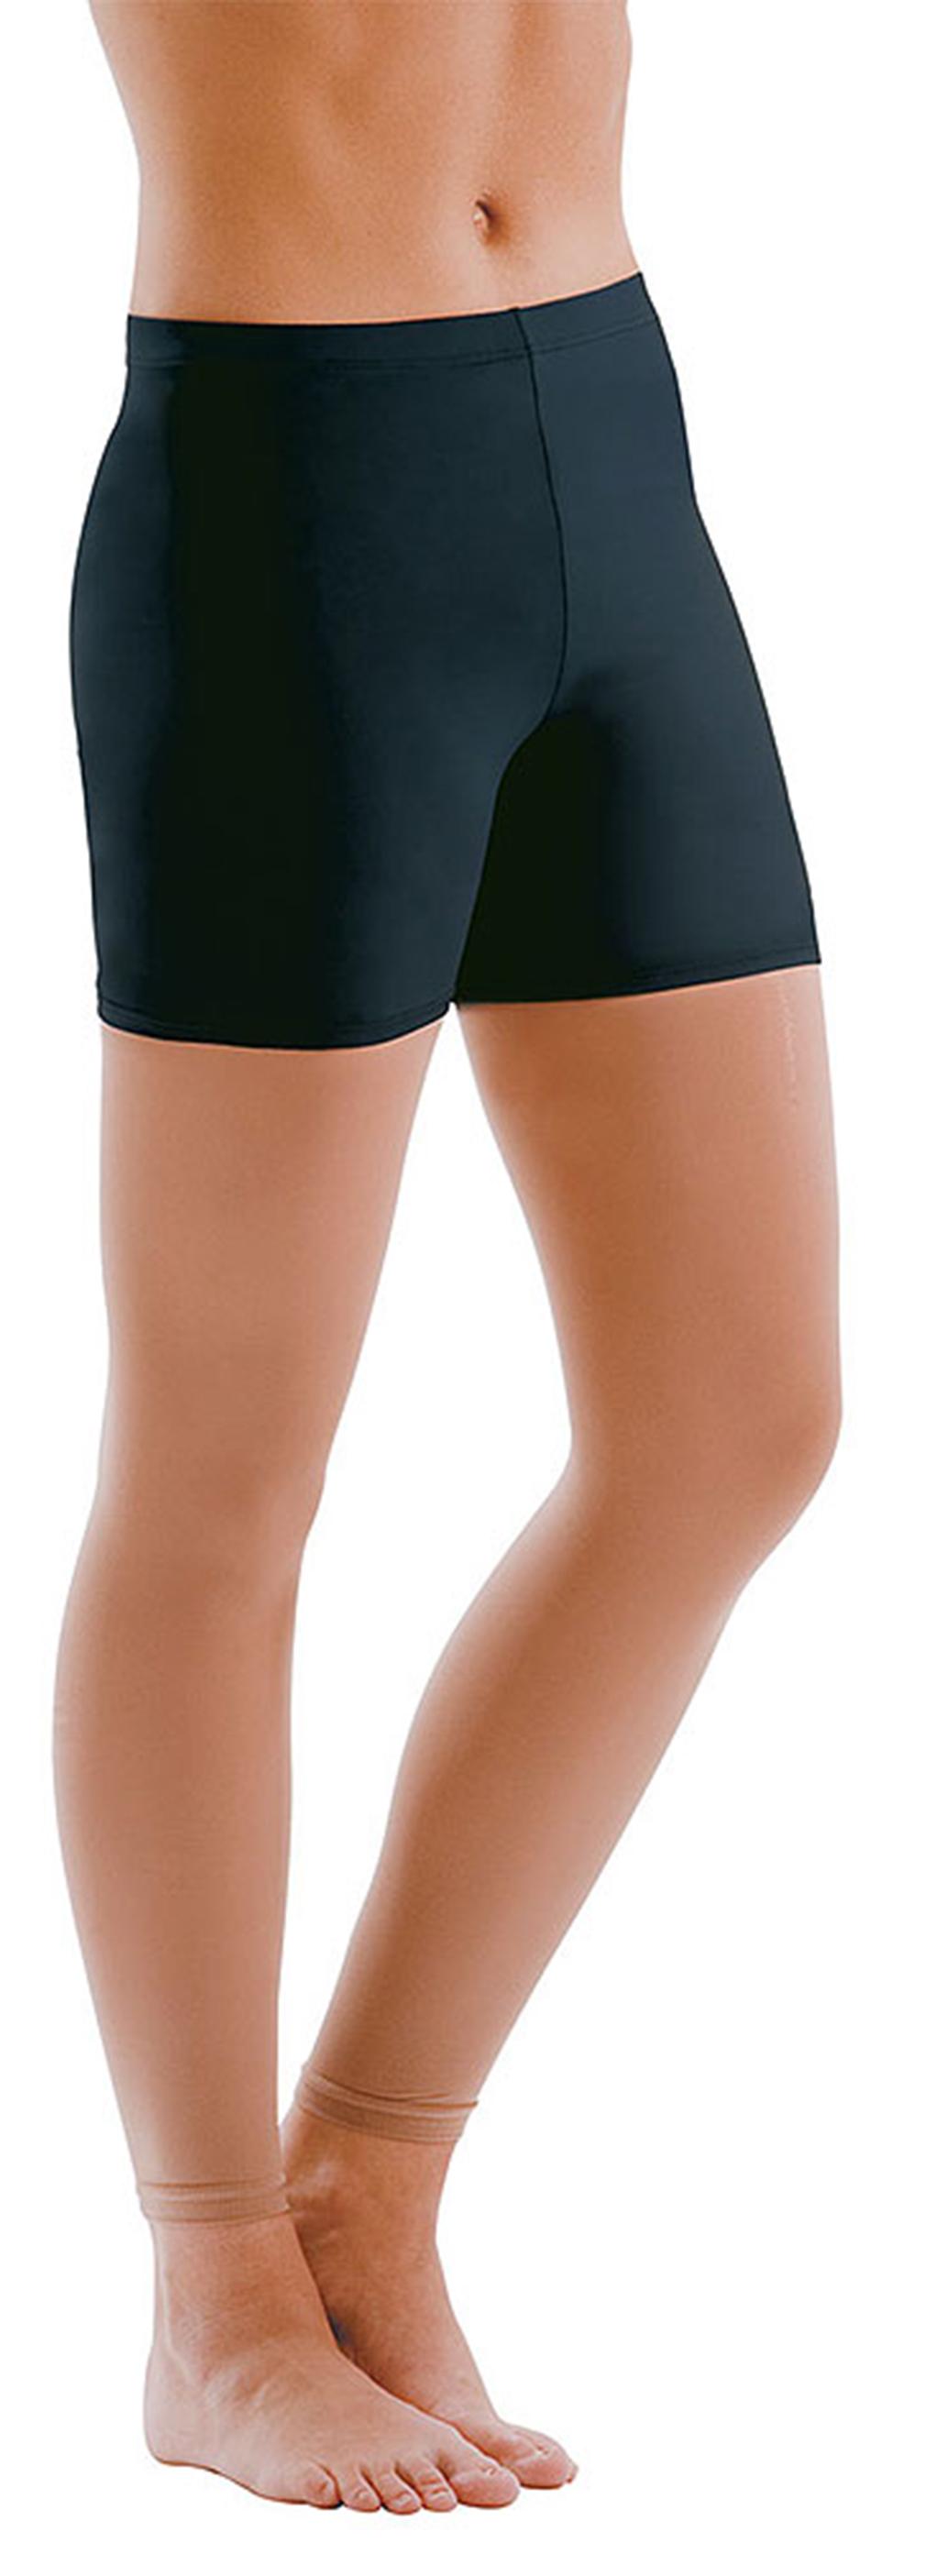 Motionwear Women's Low Rise Bike Shorts L BLACK by